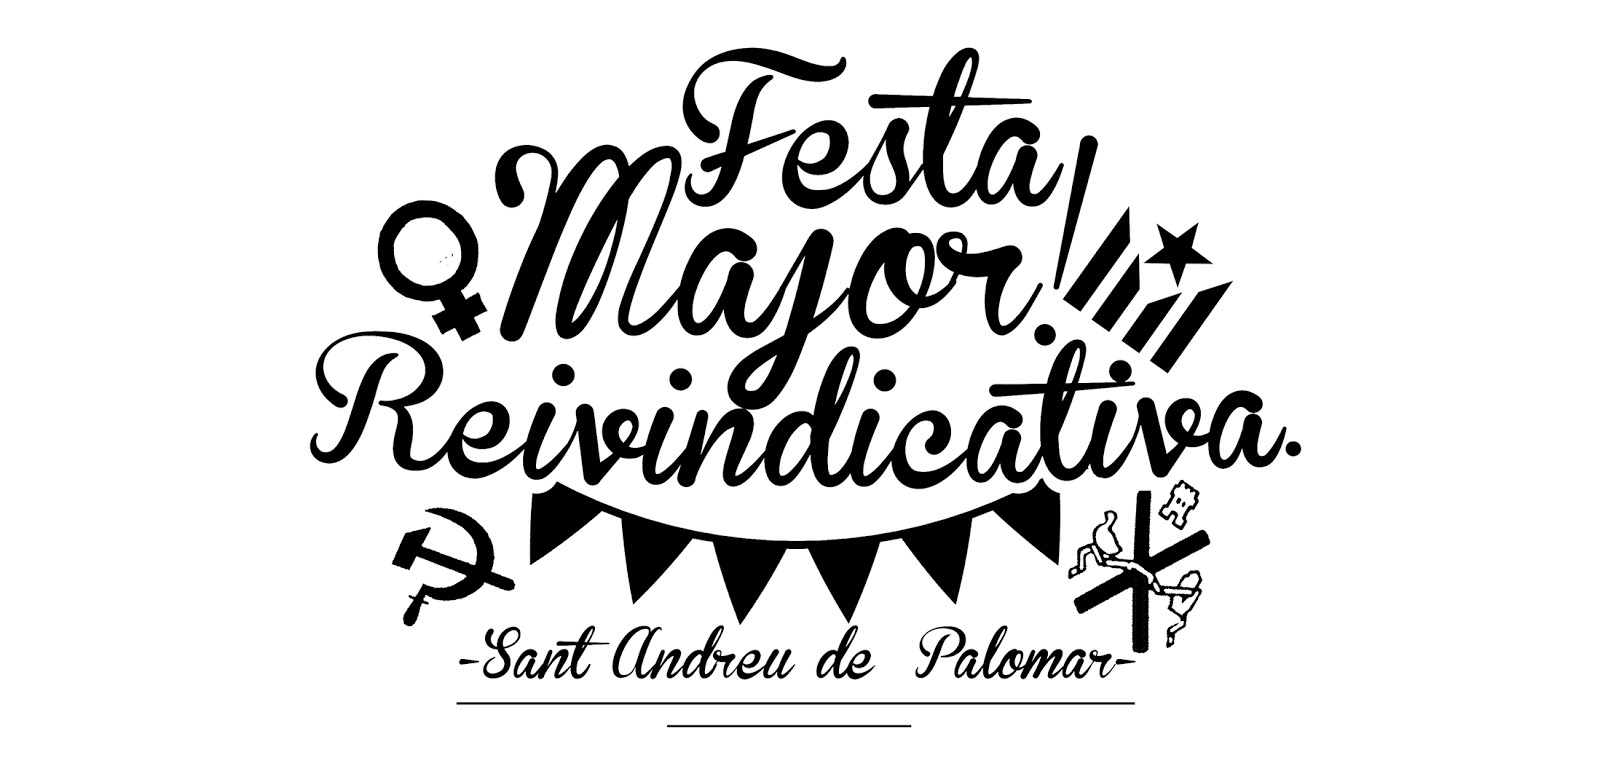 FMR Sant Andreu de Palomar